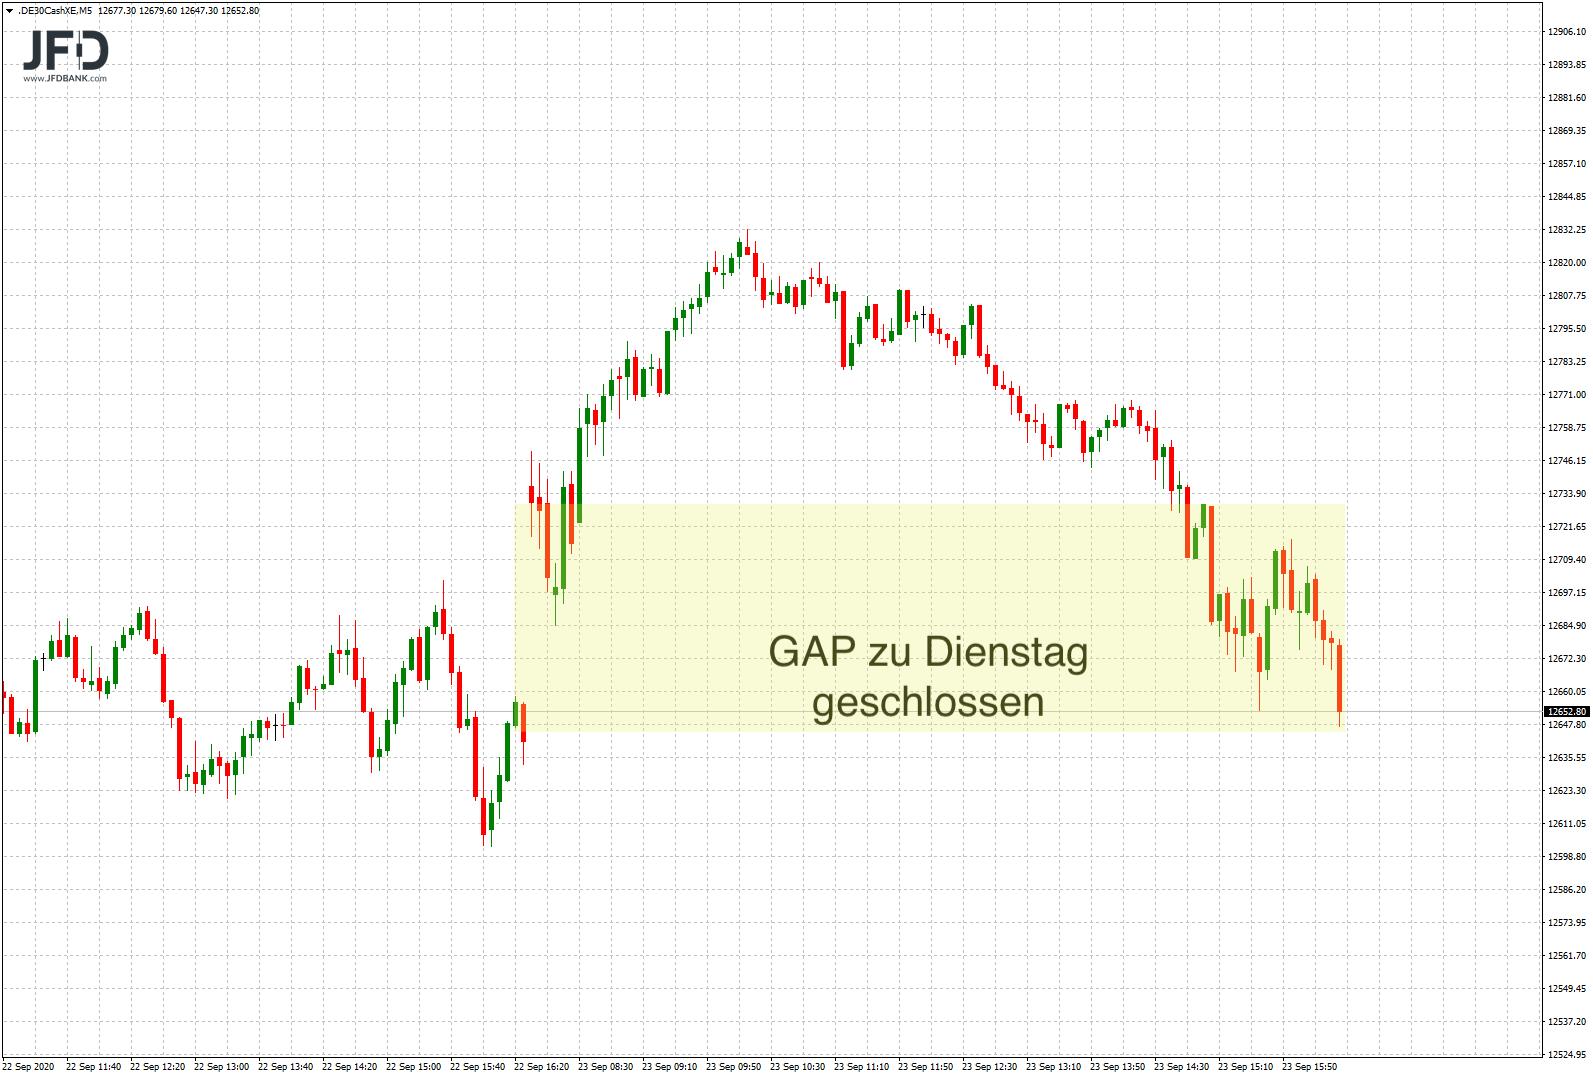 DAX-Korrektur-nach-oben-schon-wieder-vorbei-Kommentar-JFD-Bank-GodmodeTrader.de-2